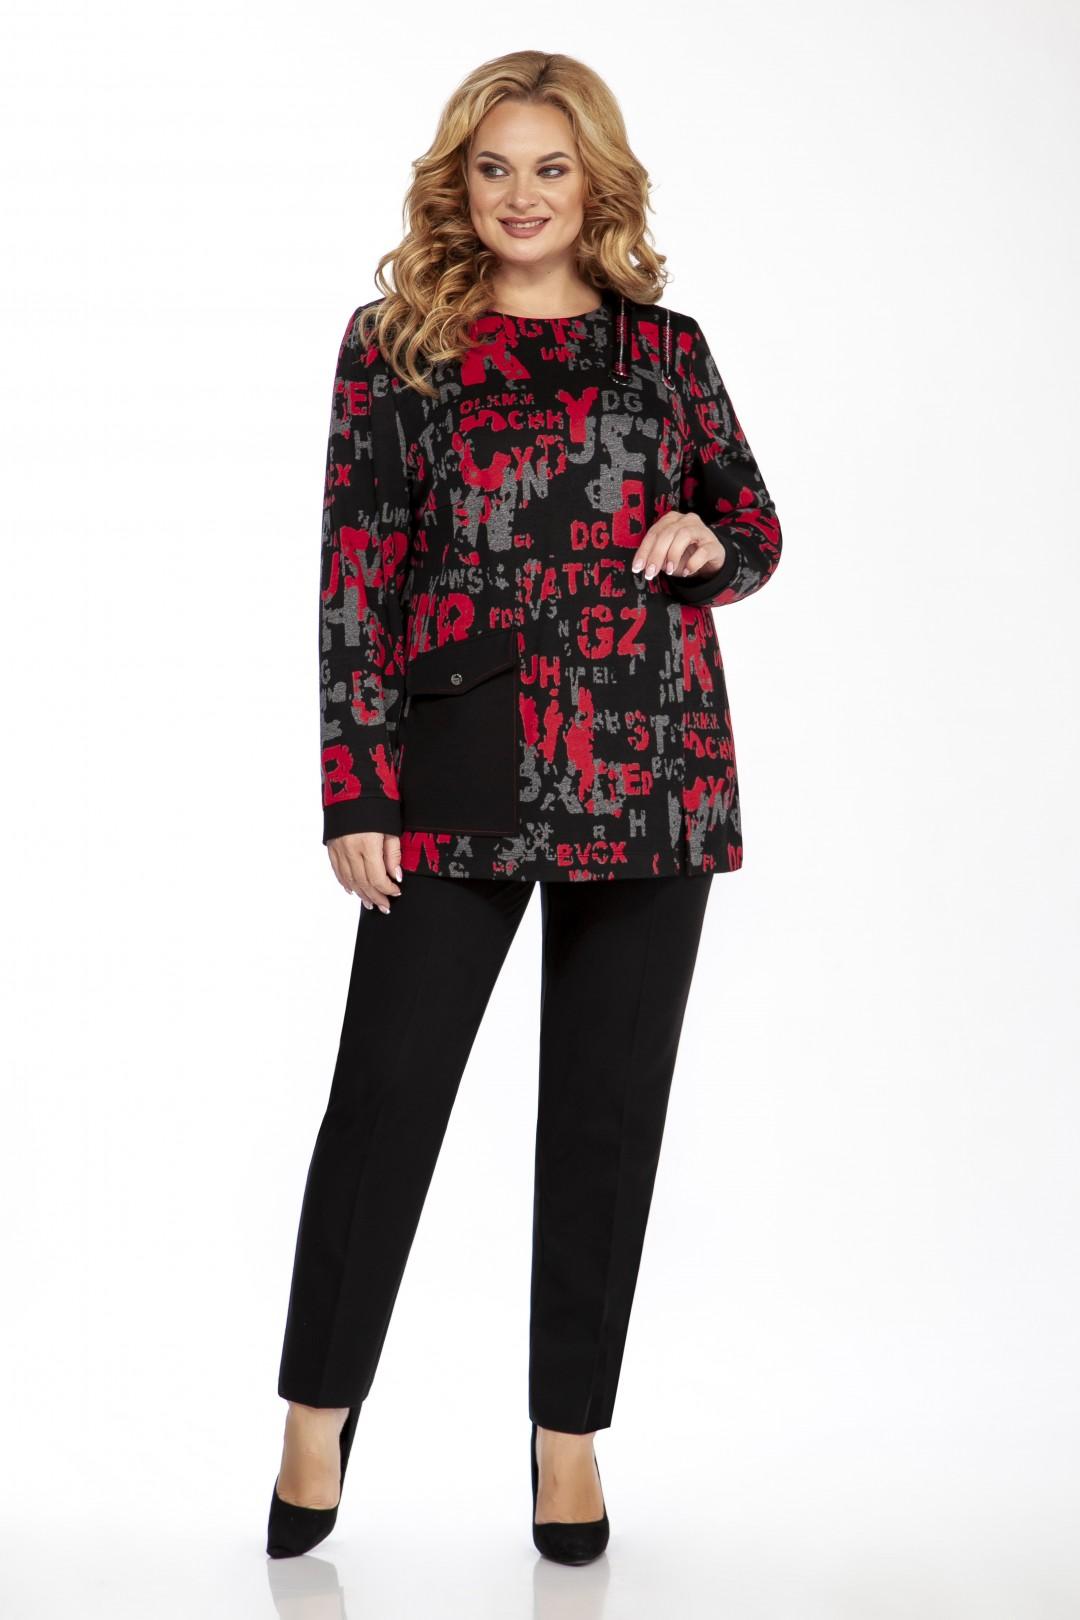 Блуза EMILIA STYLE 2098.1 красно-черный принт